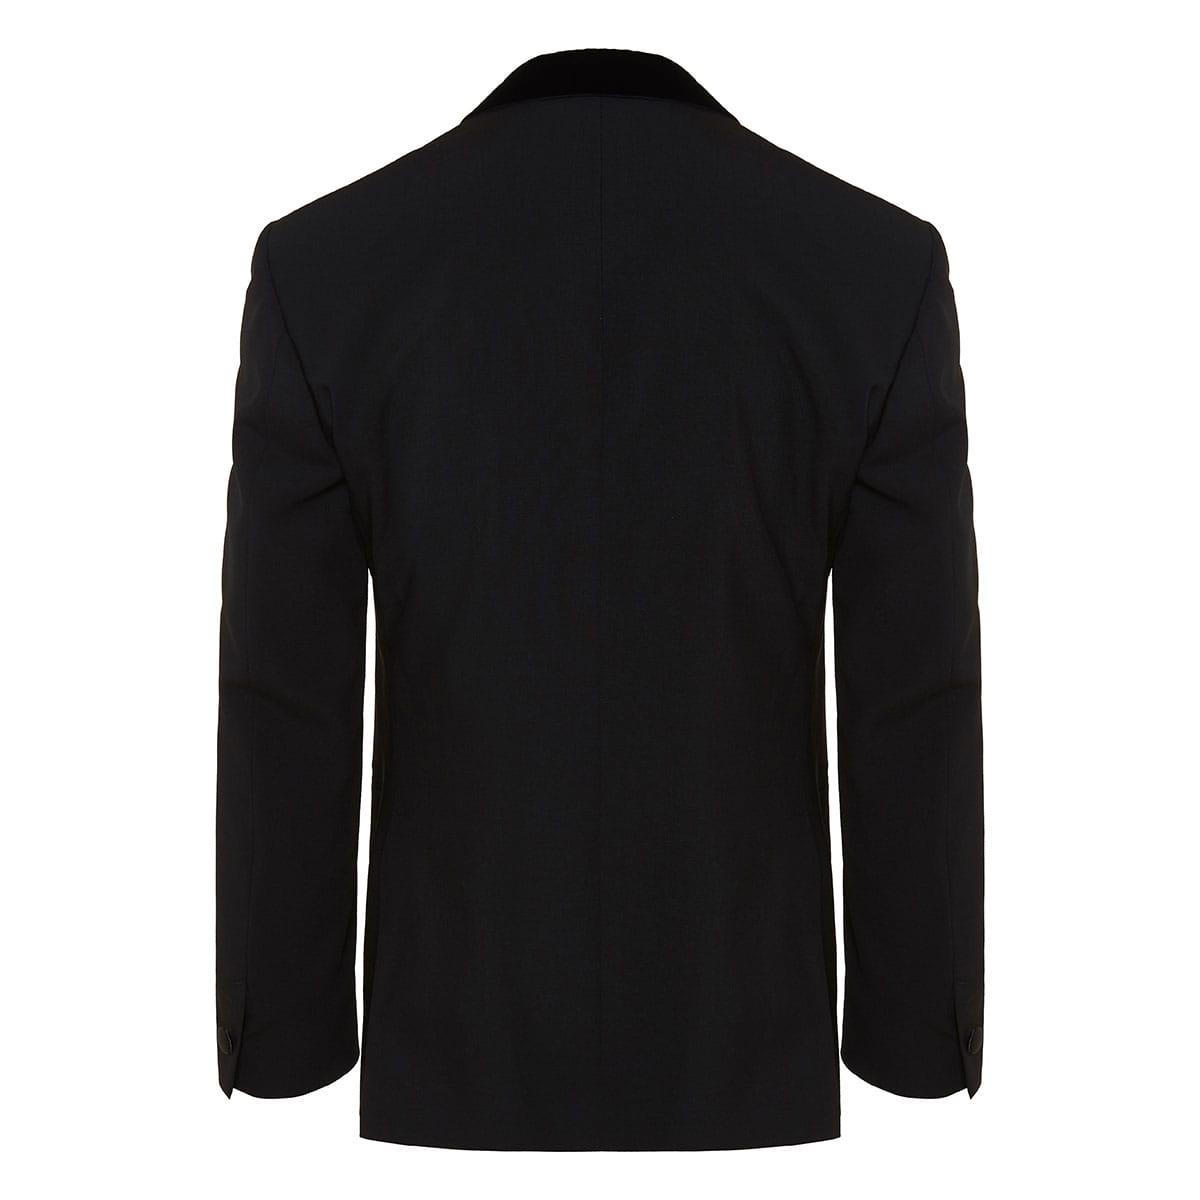 Satin-trimmed wool blazer